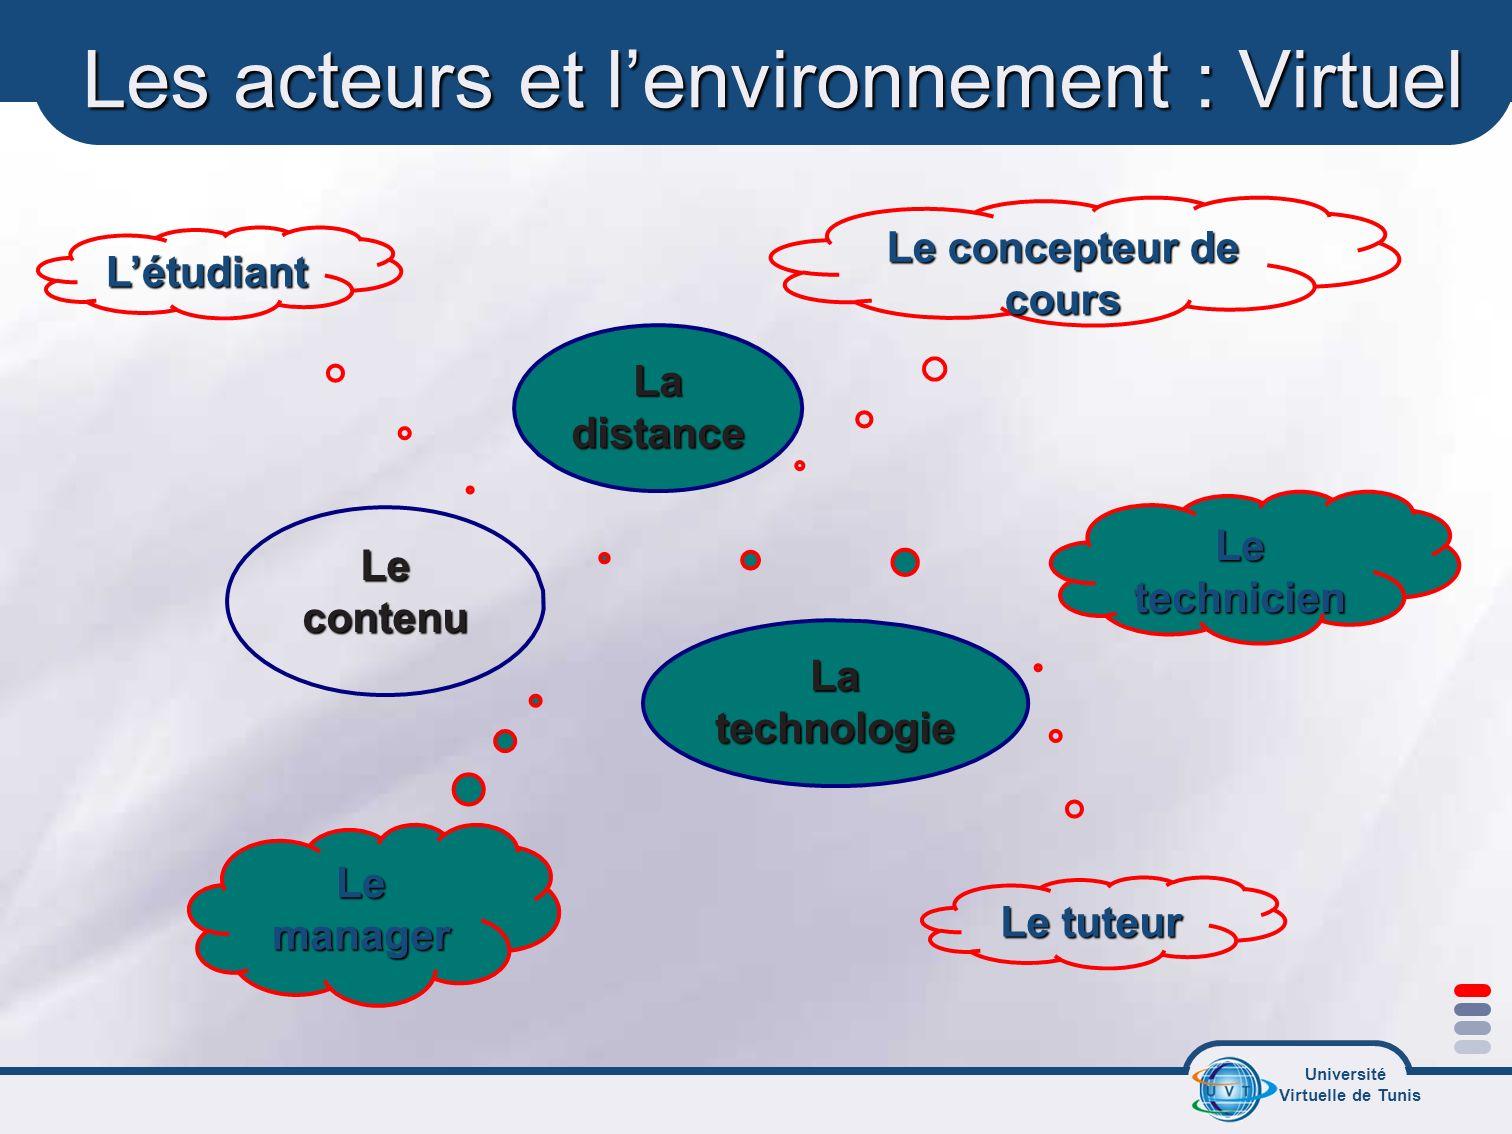 Les acteurs et l'environnement : Virtuel